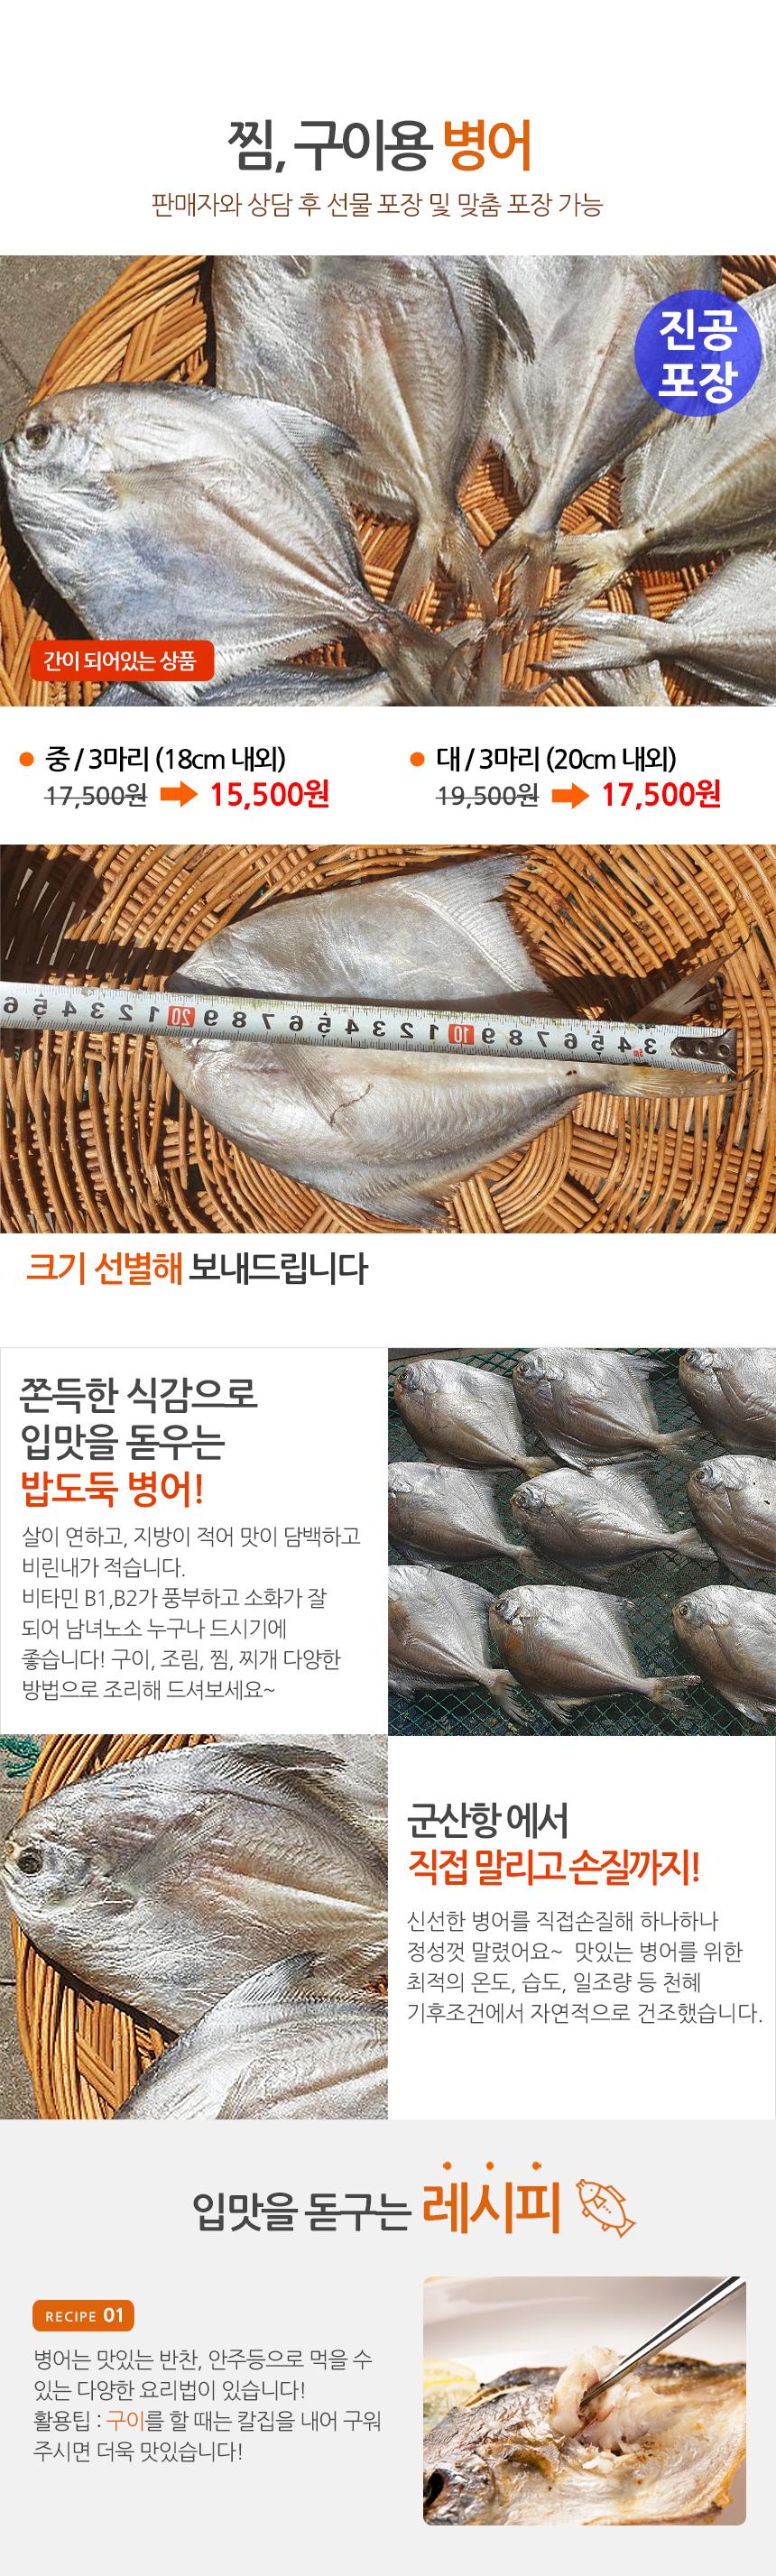 byeongeo.jpg